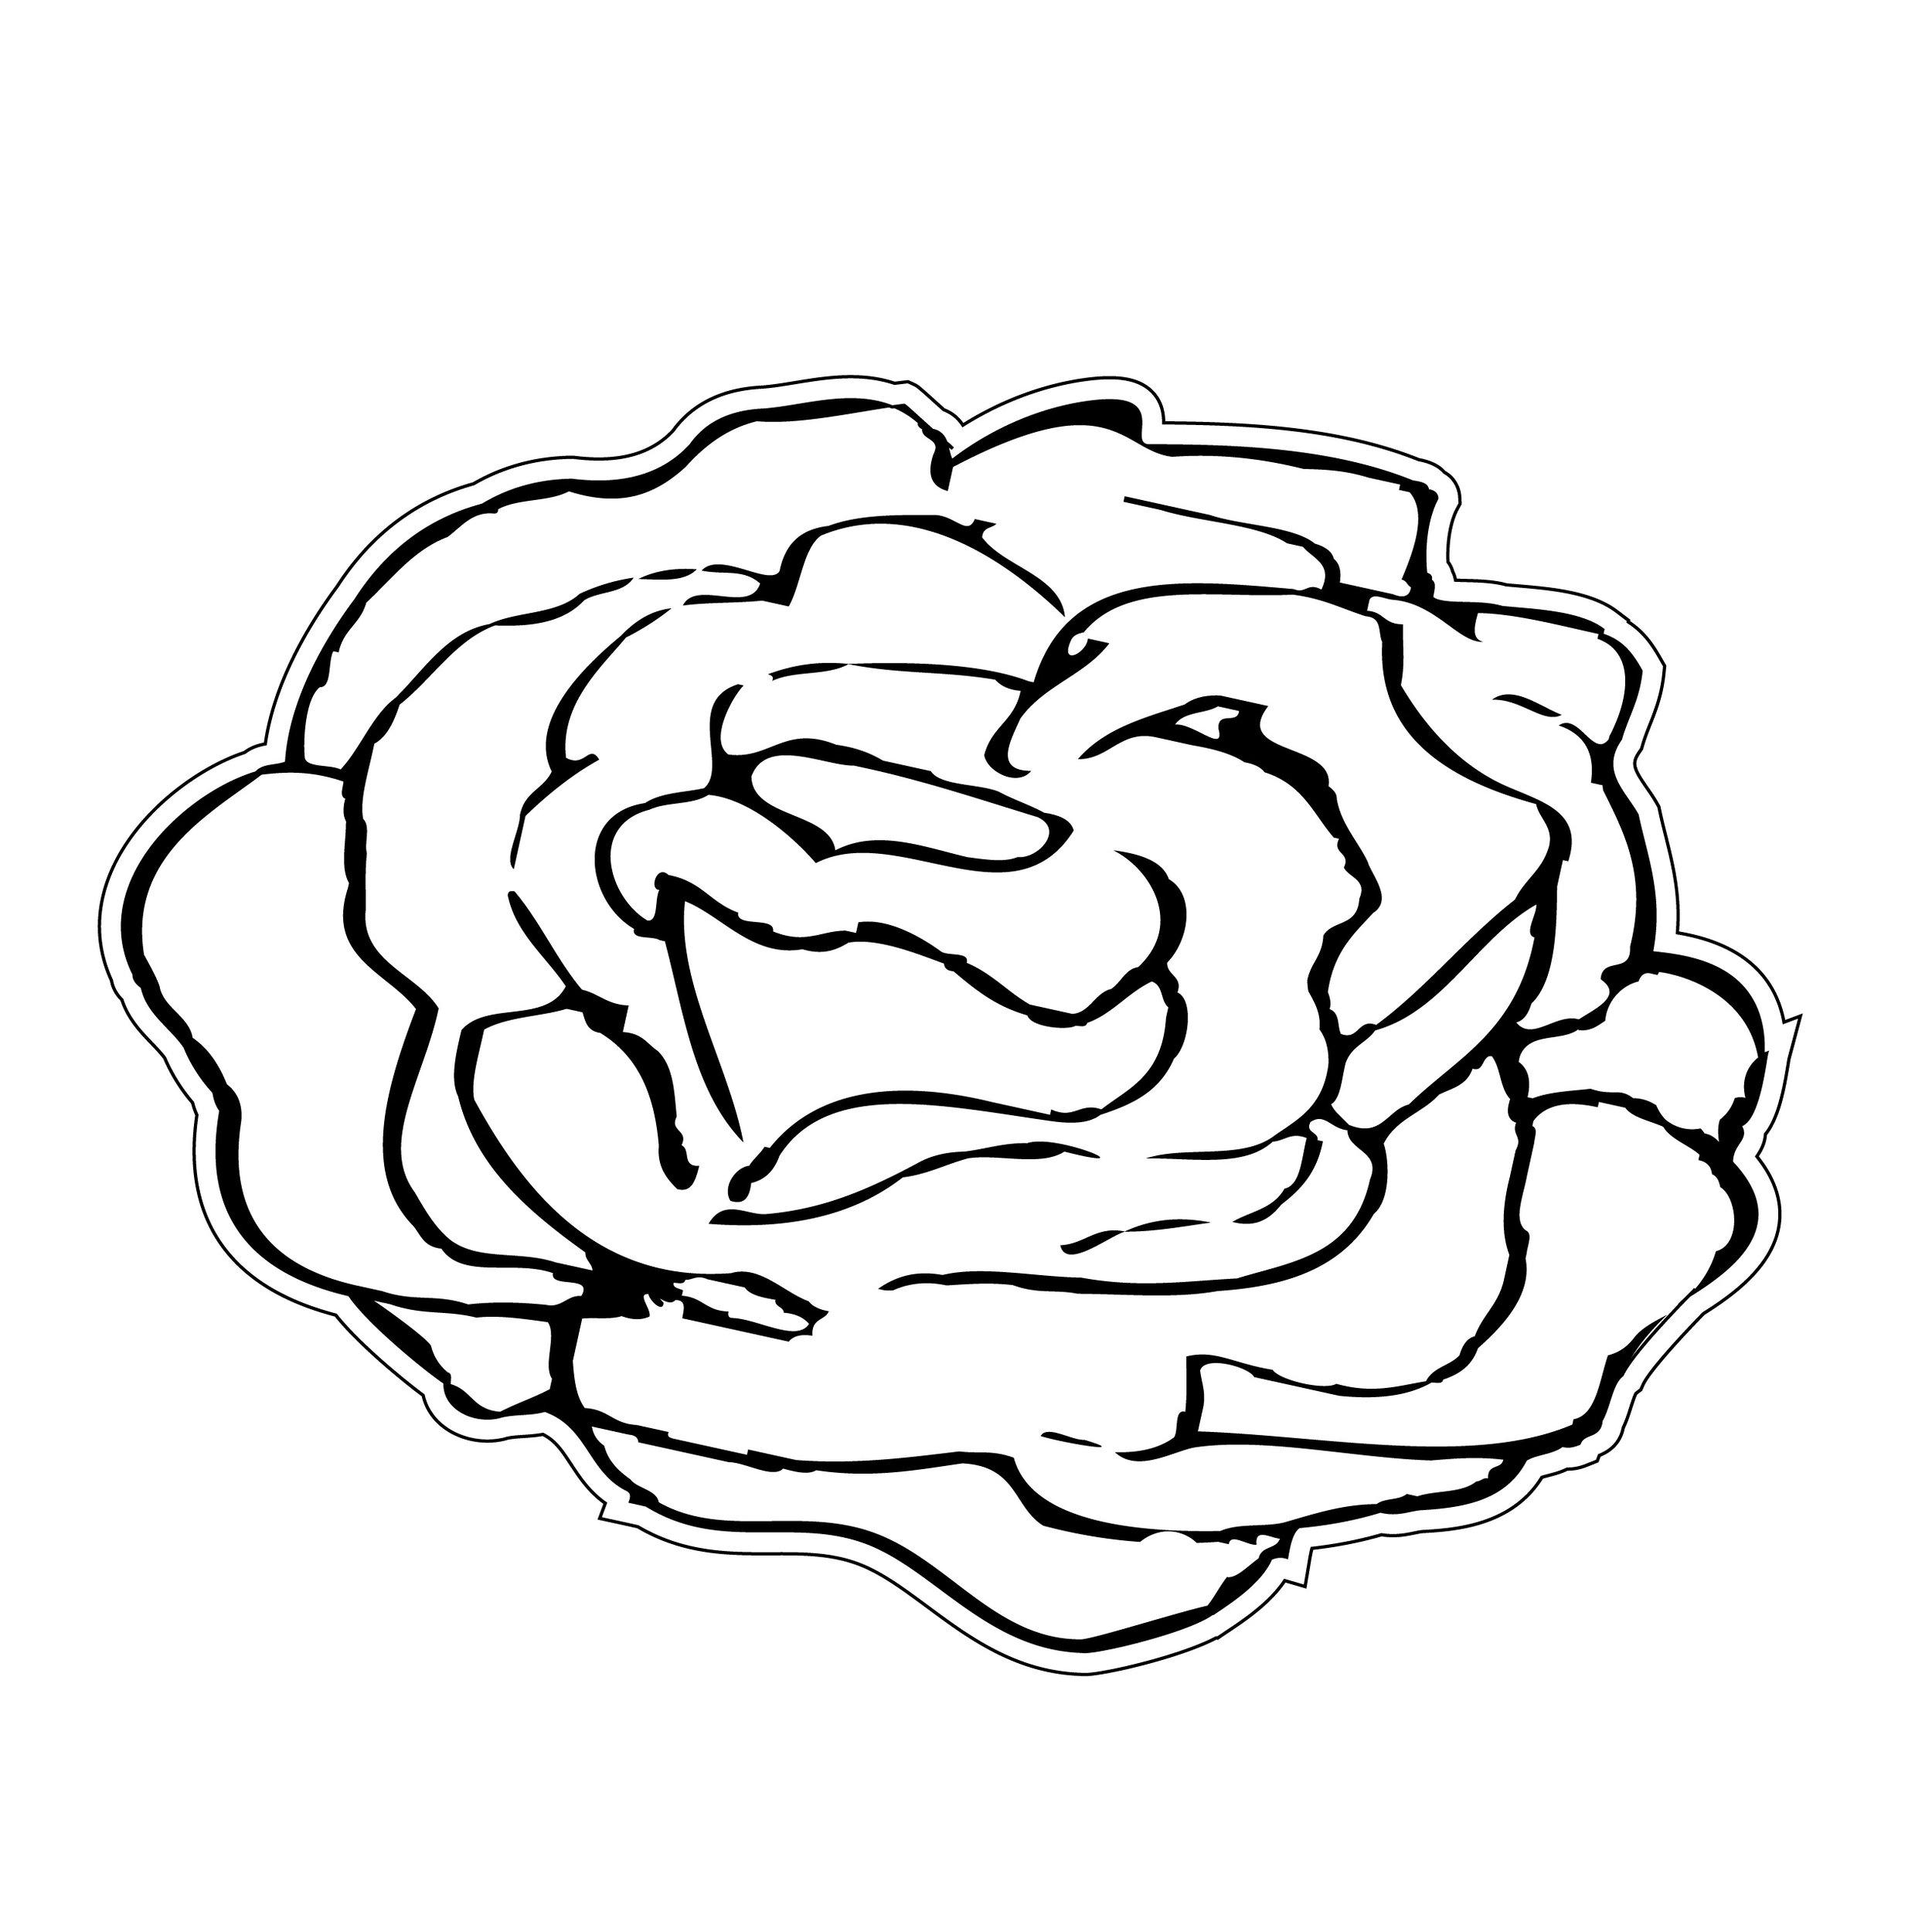 Flowers_1-04.jpg